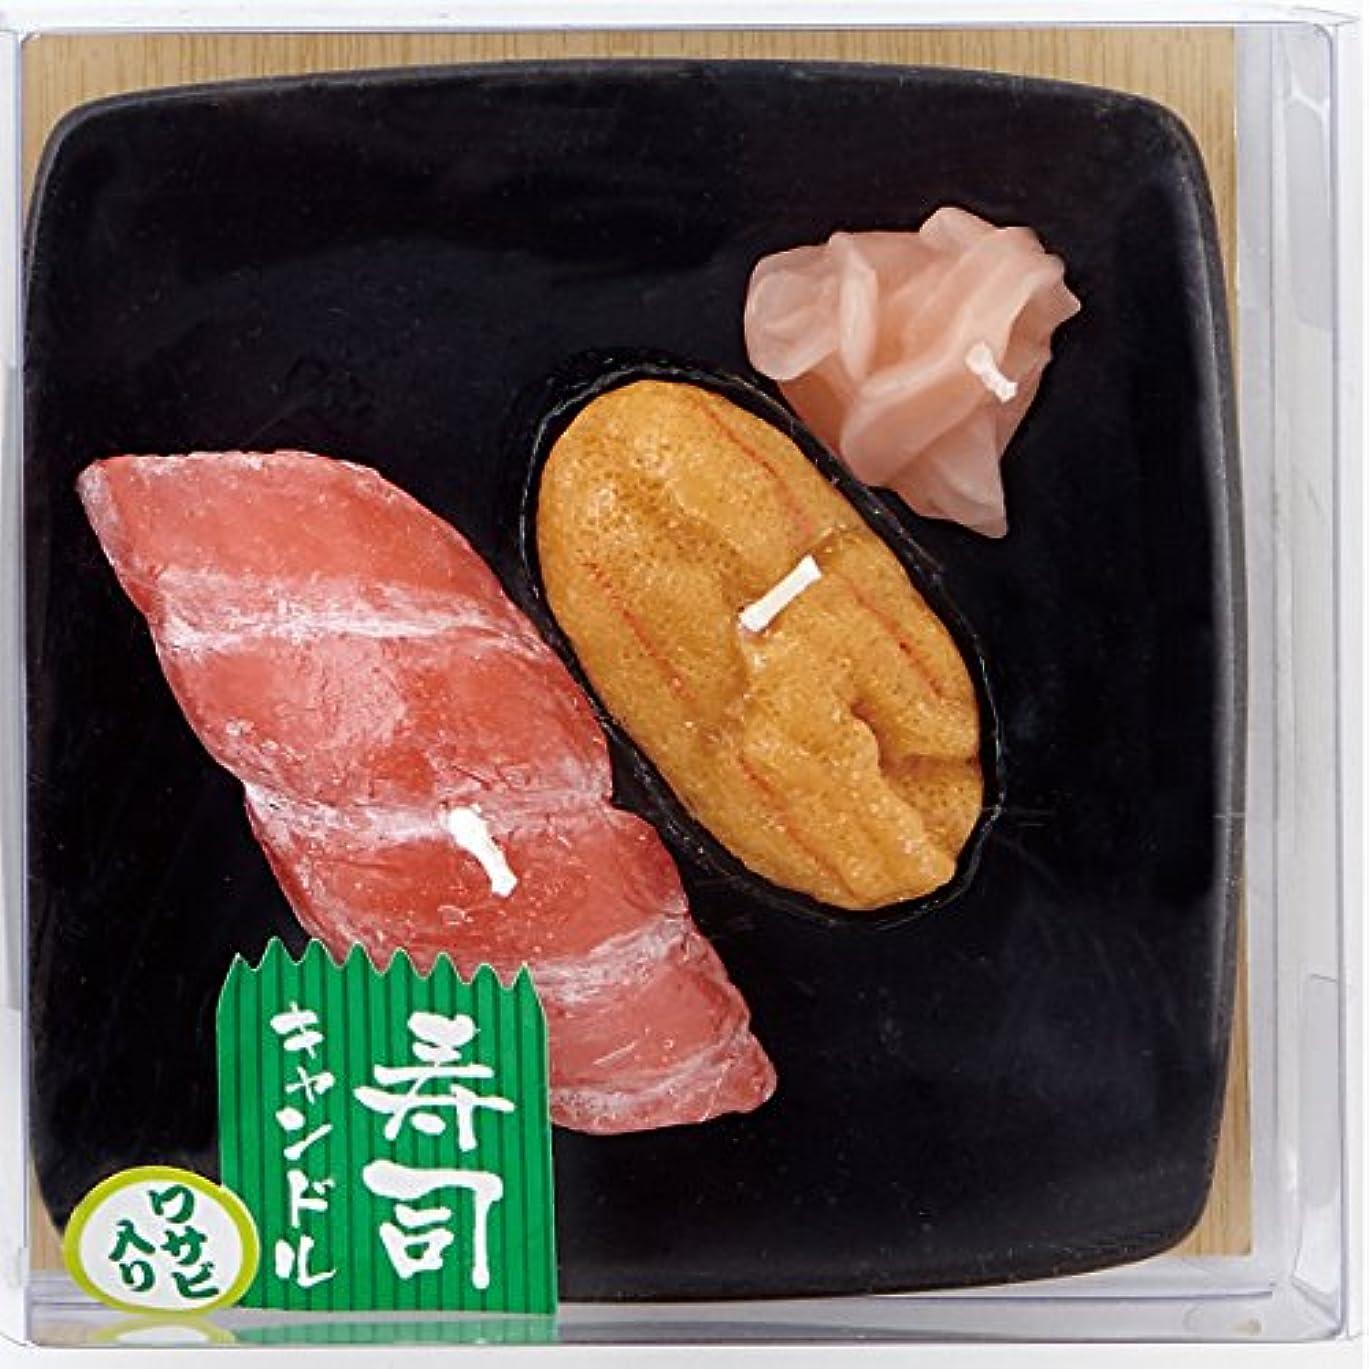 演劇返済実行する寿司キャンドル C(ウニ?大トロ) サビ入